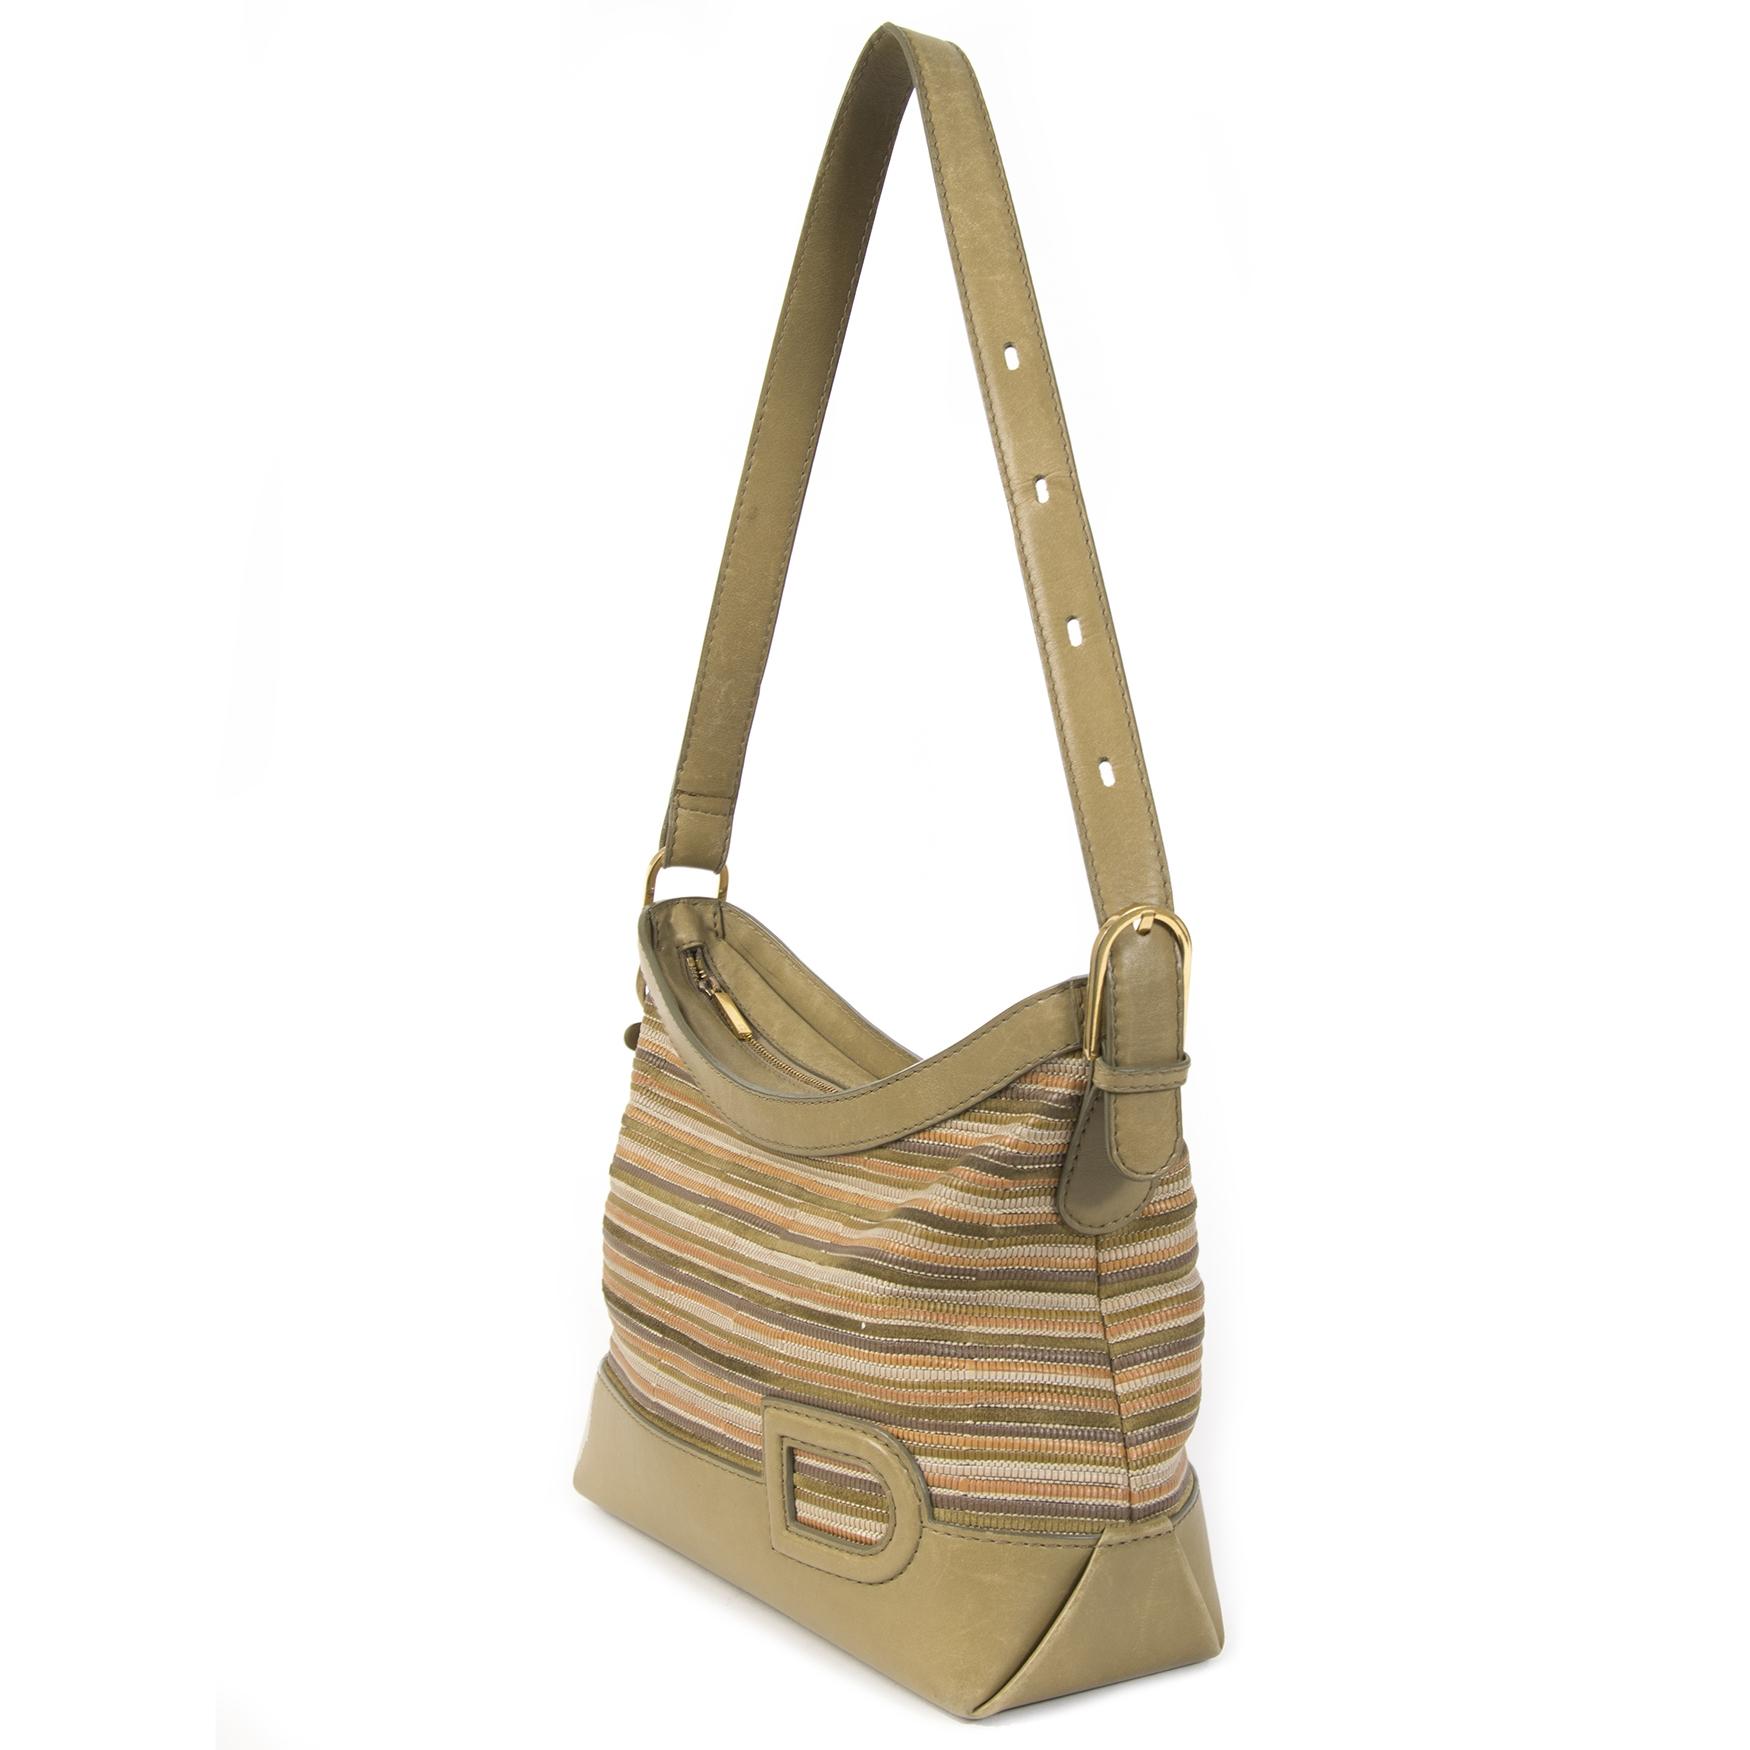 Authentieke Tweedehands Delvaux Multicolor Toile de Cuir Shoulder Bag juiste prijs veilig online shoppen luxe merken webshop winkelen Antwerpen België mode fashion